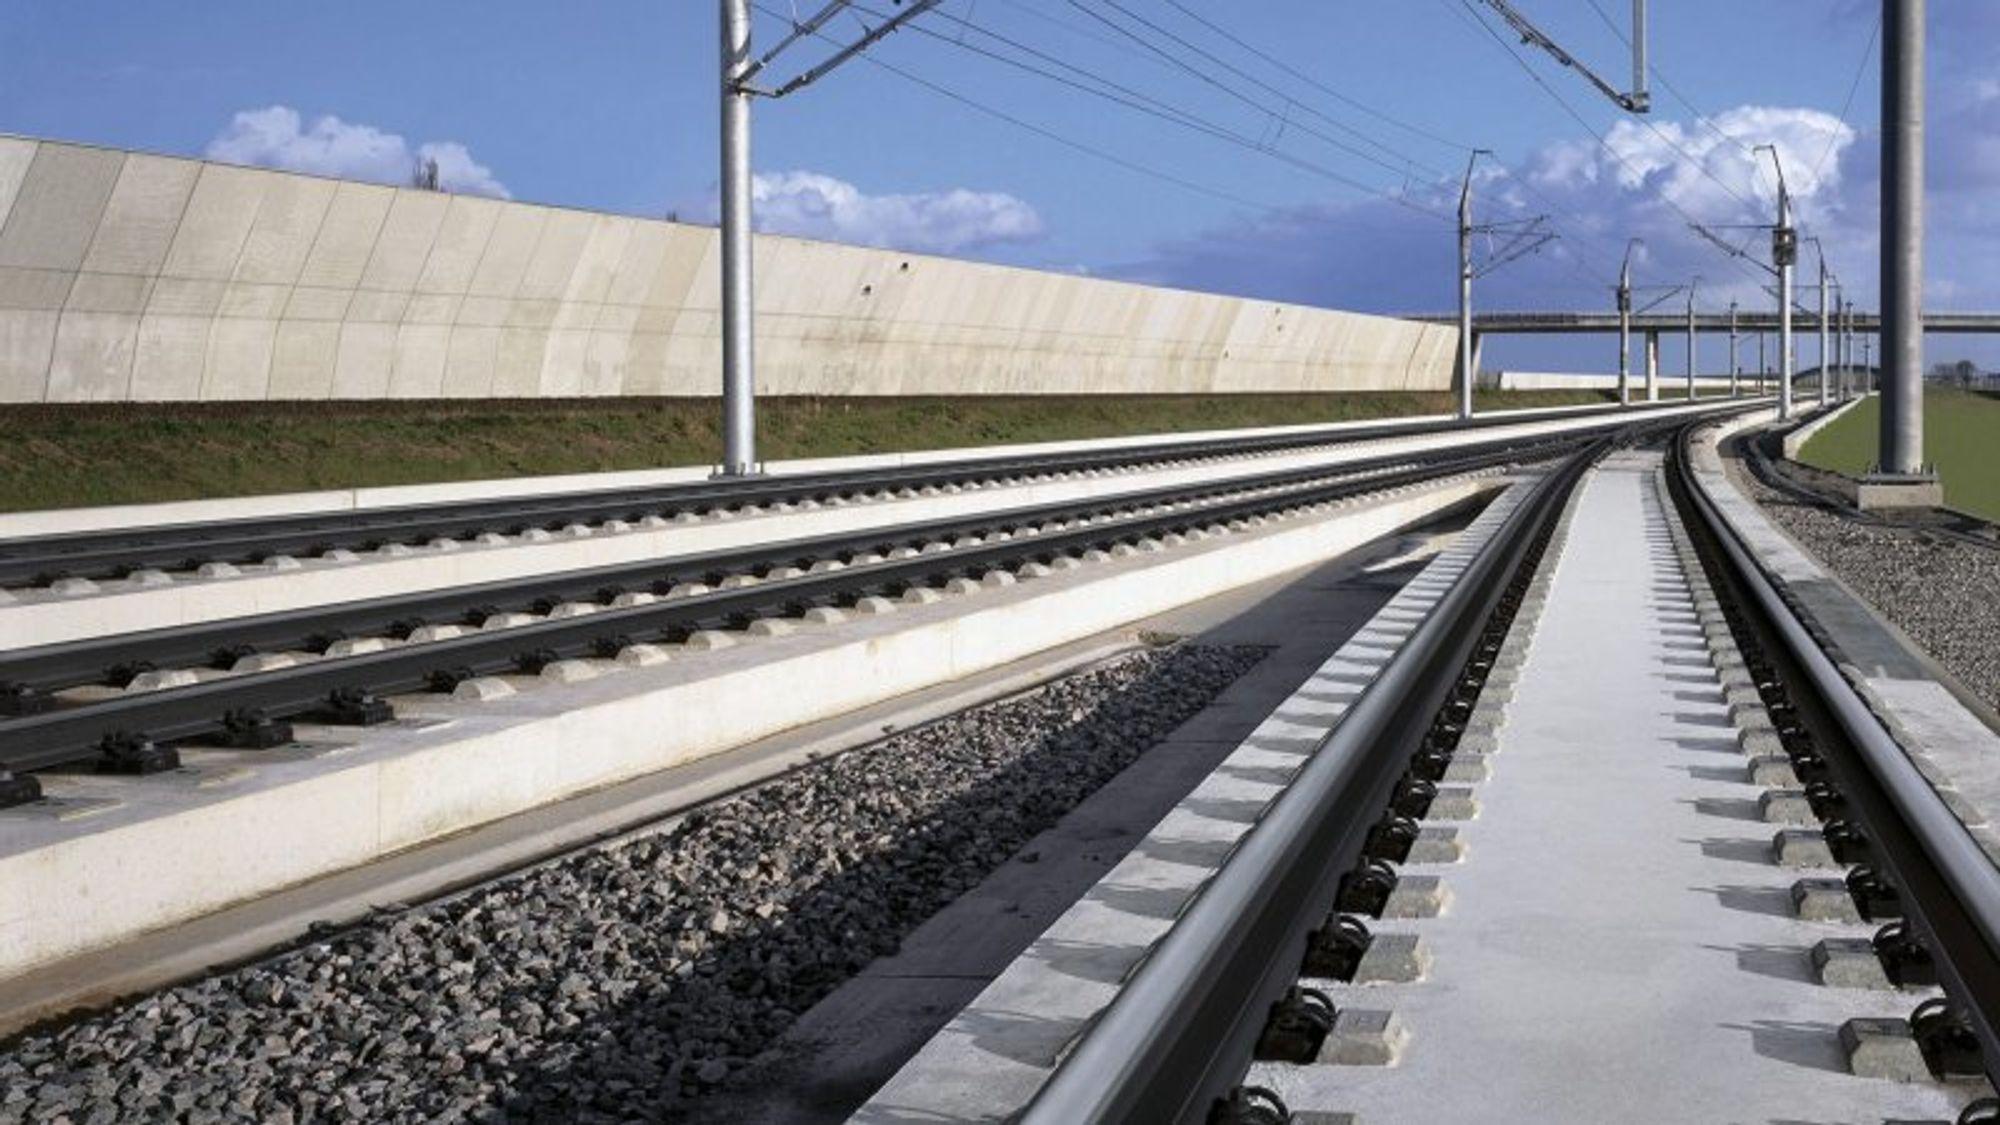 Roads2Rails erstatter den eksisterende konstruksjonen med sviller som ligger på pukk med asfalt. Målet med prosjektet er å skape et underlag som både kan motstå belastningen fra tunge godstog og håndtere påvirkningen fra nye høyhastighetstog.